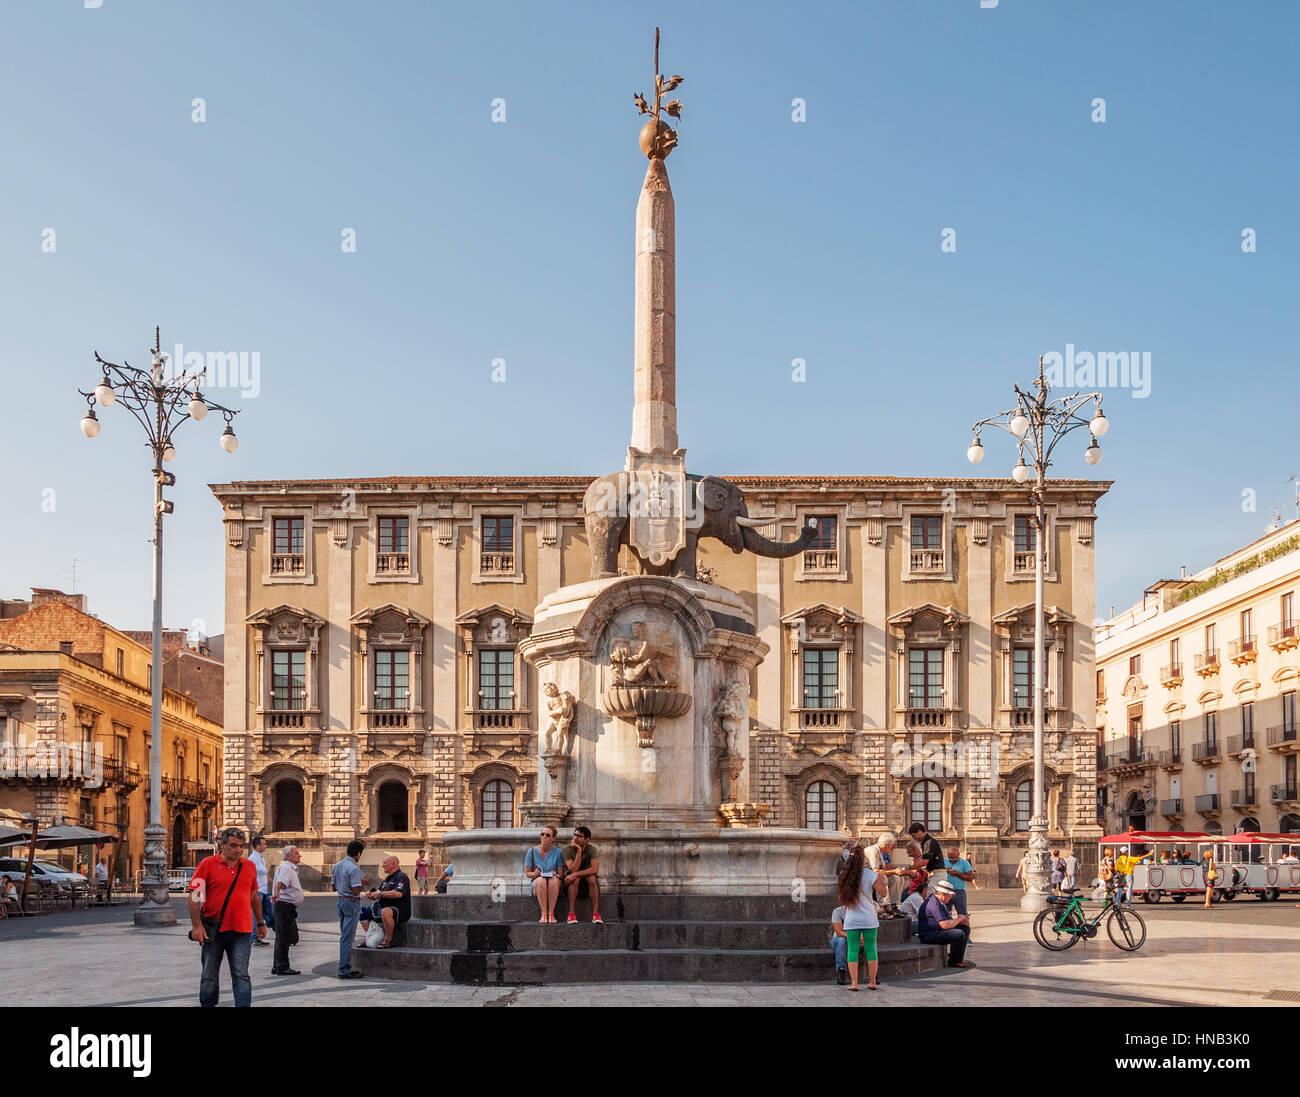 CATANIA, Italien - 13. September 2015: Der Brunnen des Elefanten auf dem Domplatz in Catania, Sizilien, Italien Stockbild